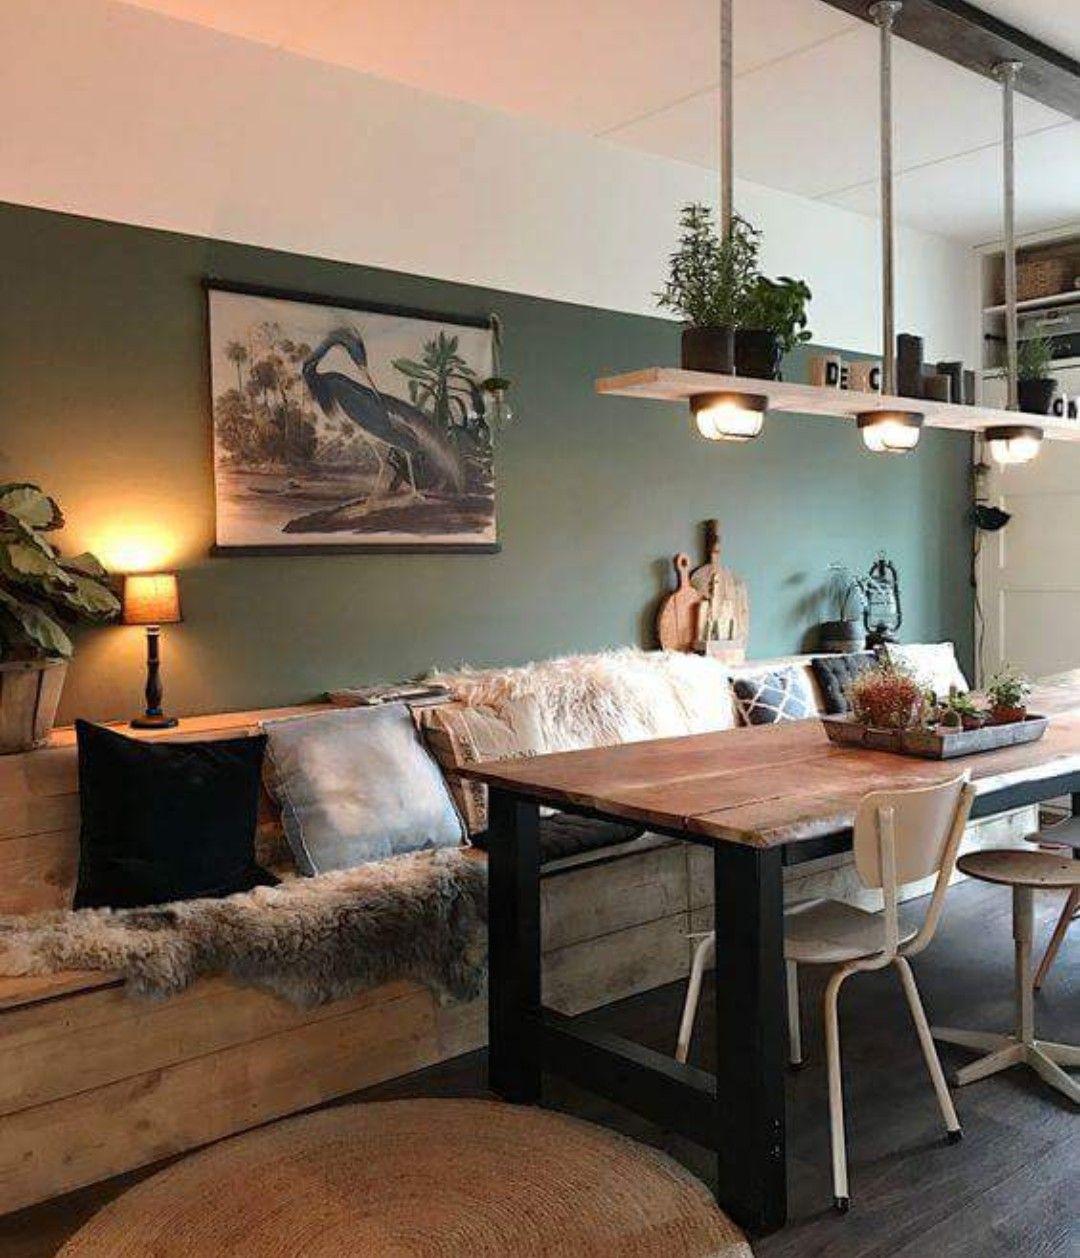 Pin de Caitlin Owens en Home ideas | Pinterest | Comedores, Ideas ...